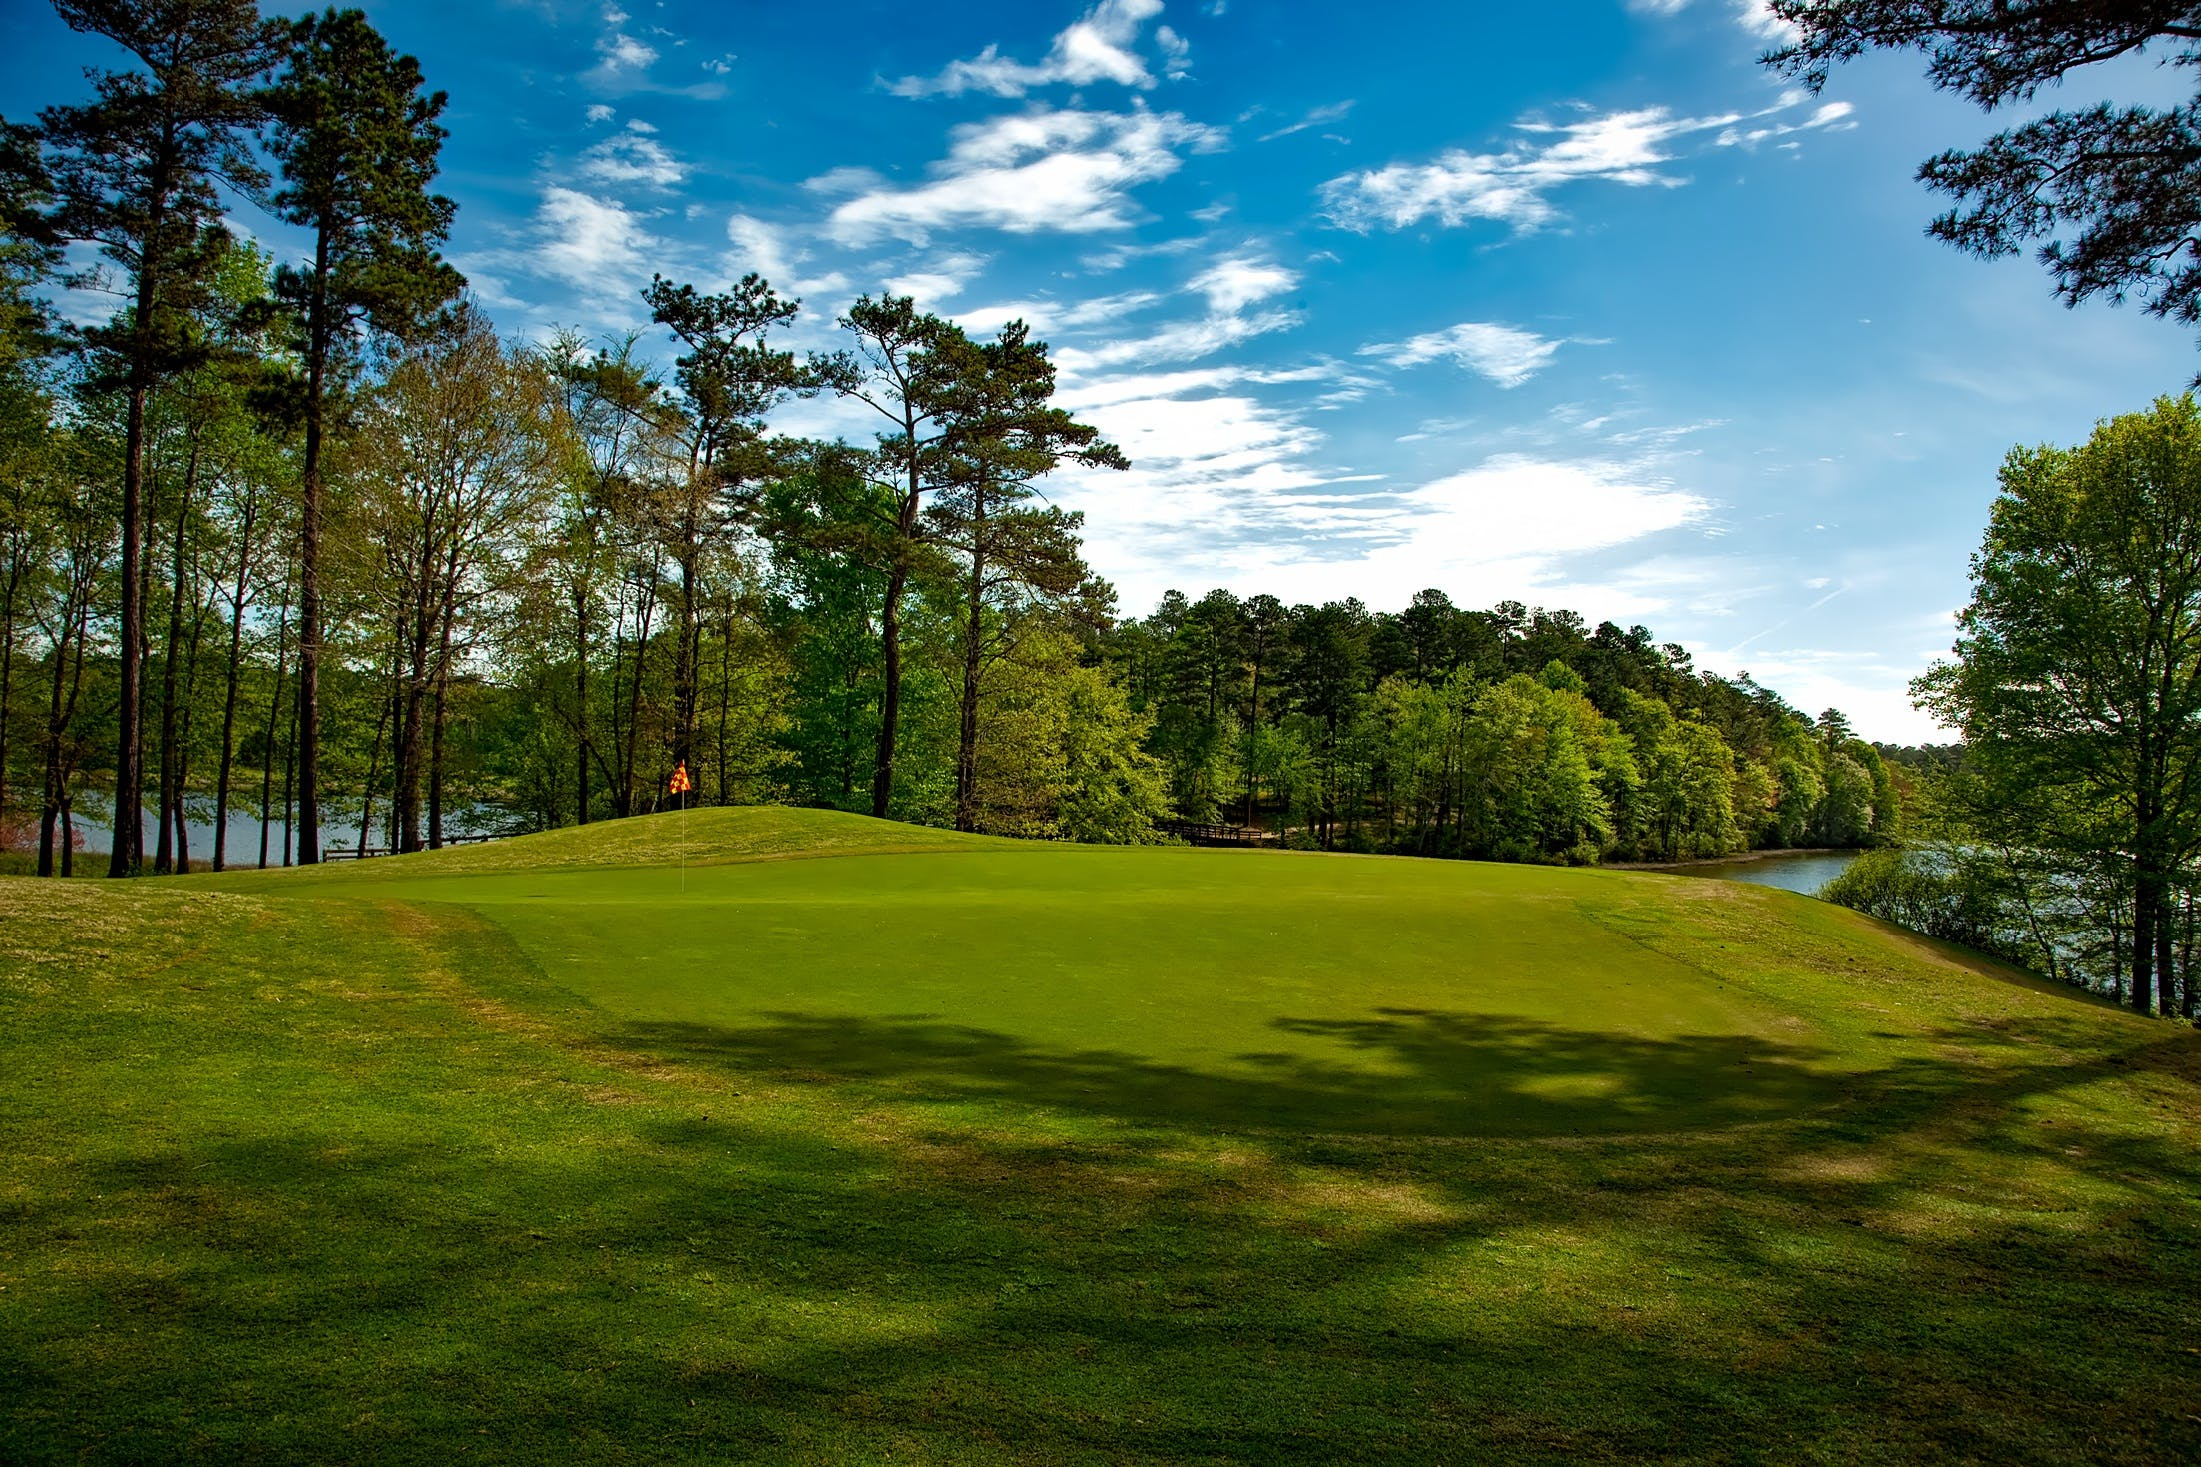 bäume, blauer himmel, golf